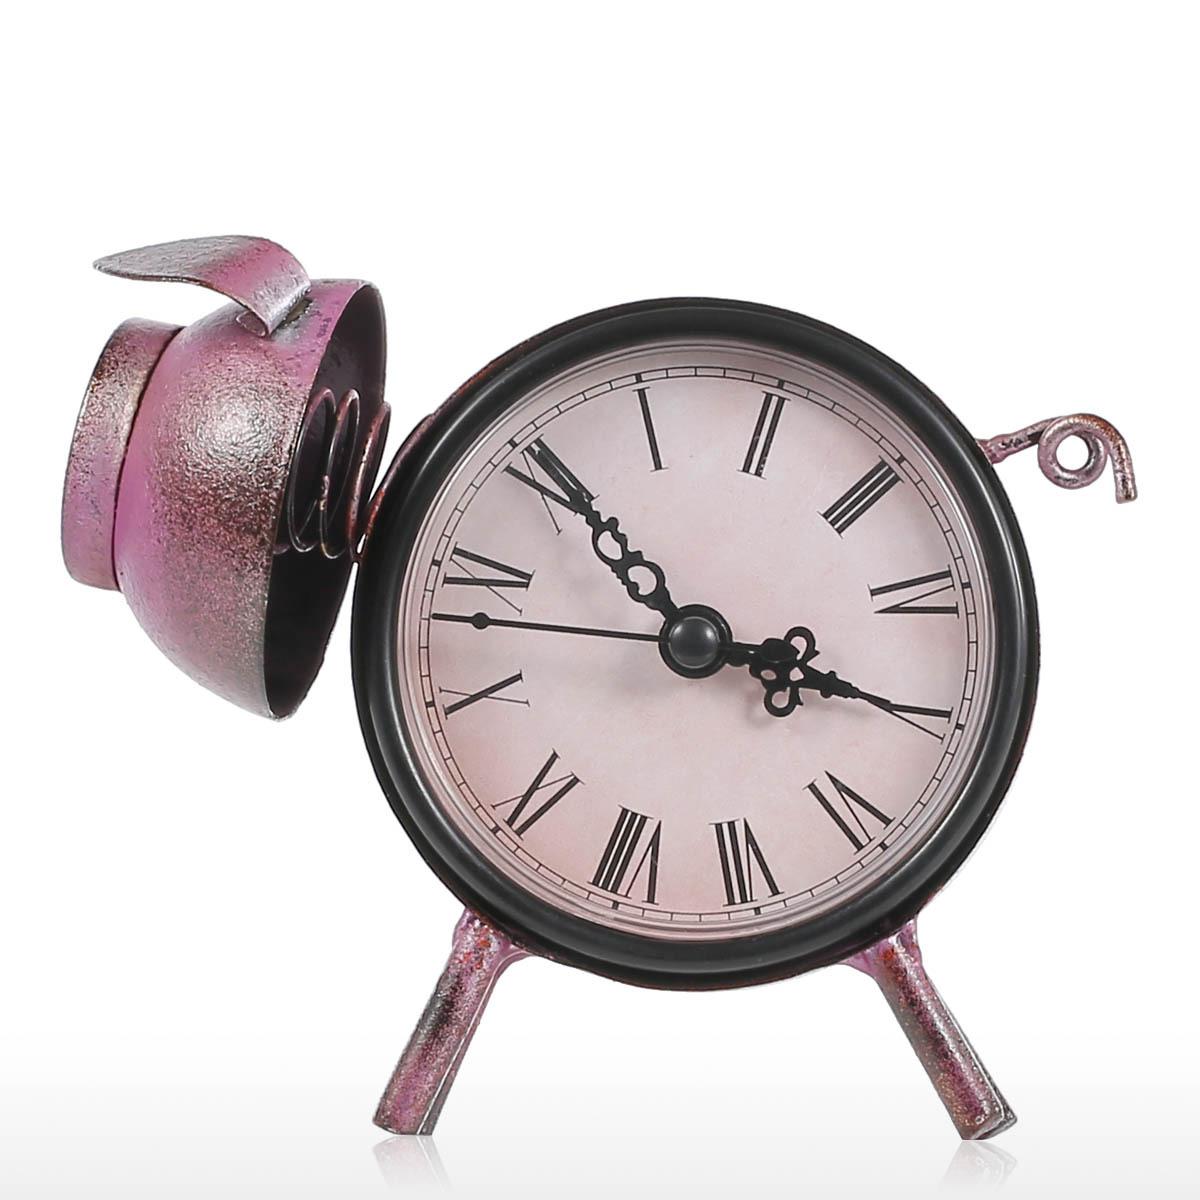 TOOARTS铁艺时钟复古家居装饰摆件 小猪时钟家居客厅办公桌摆件